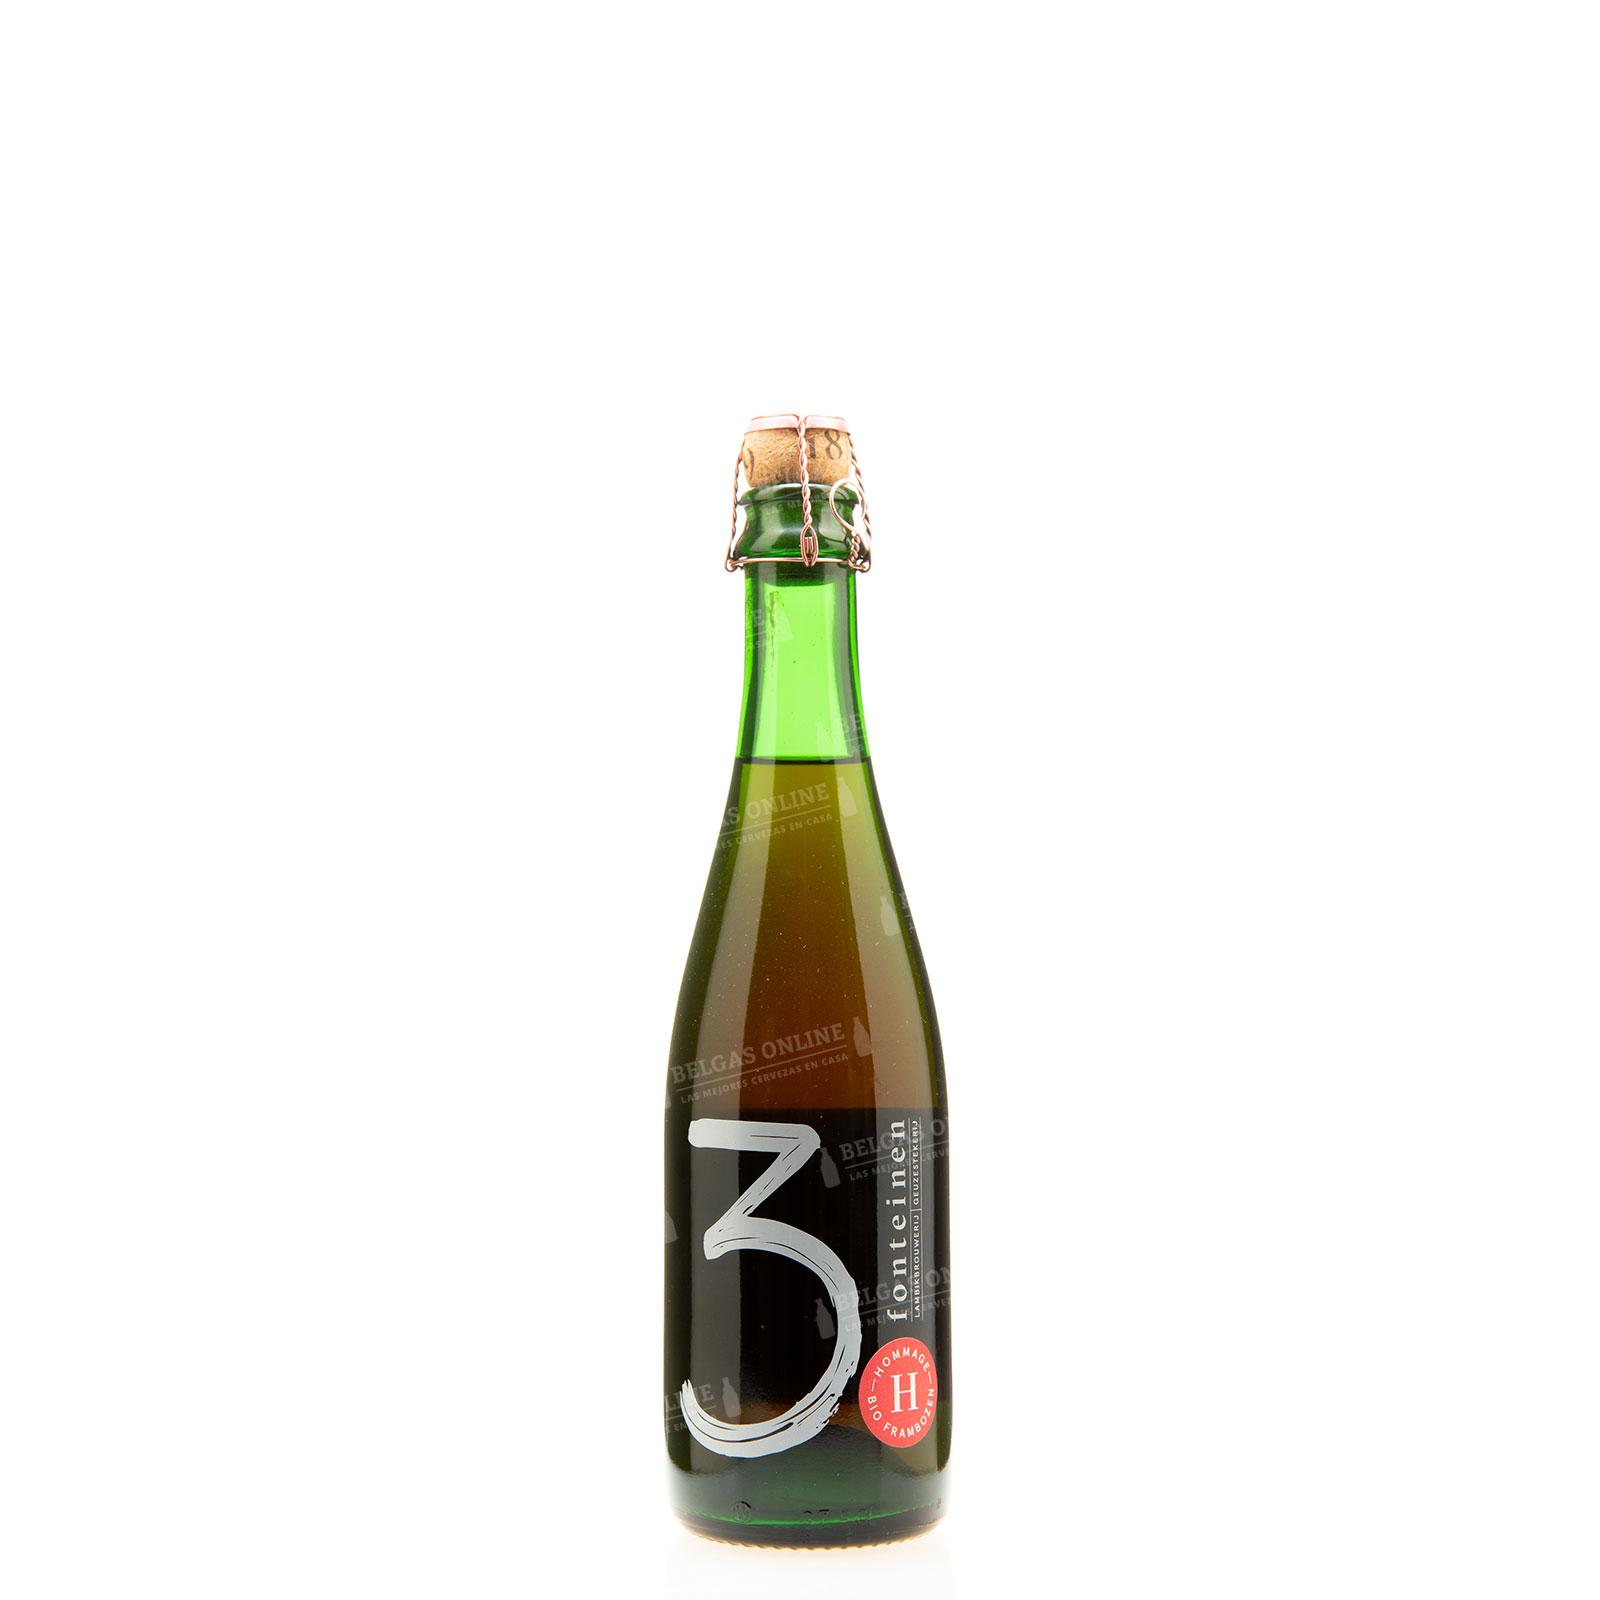 3F Hommage bio-frambozen 37,5cl